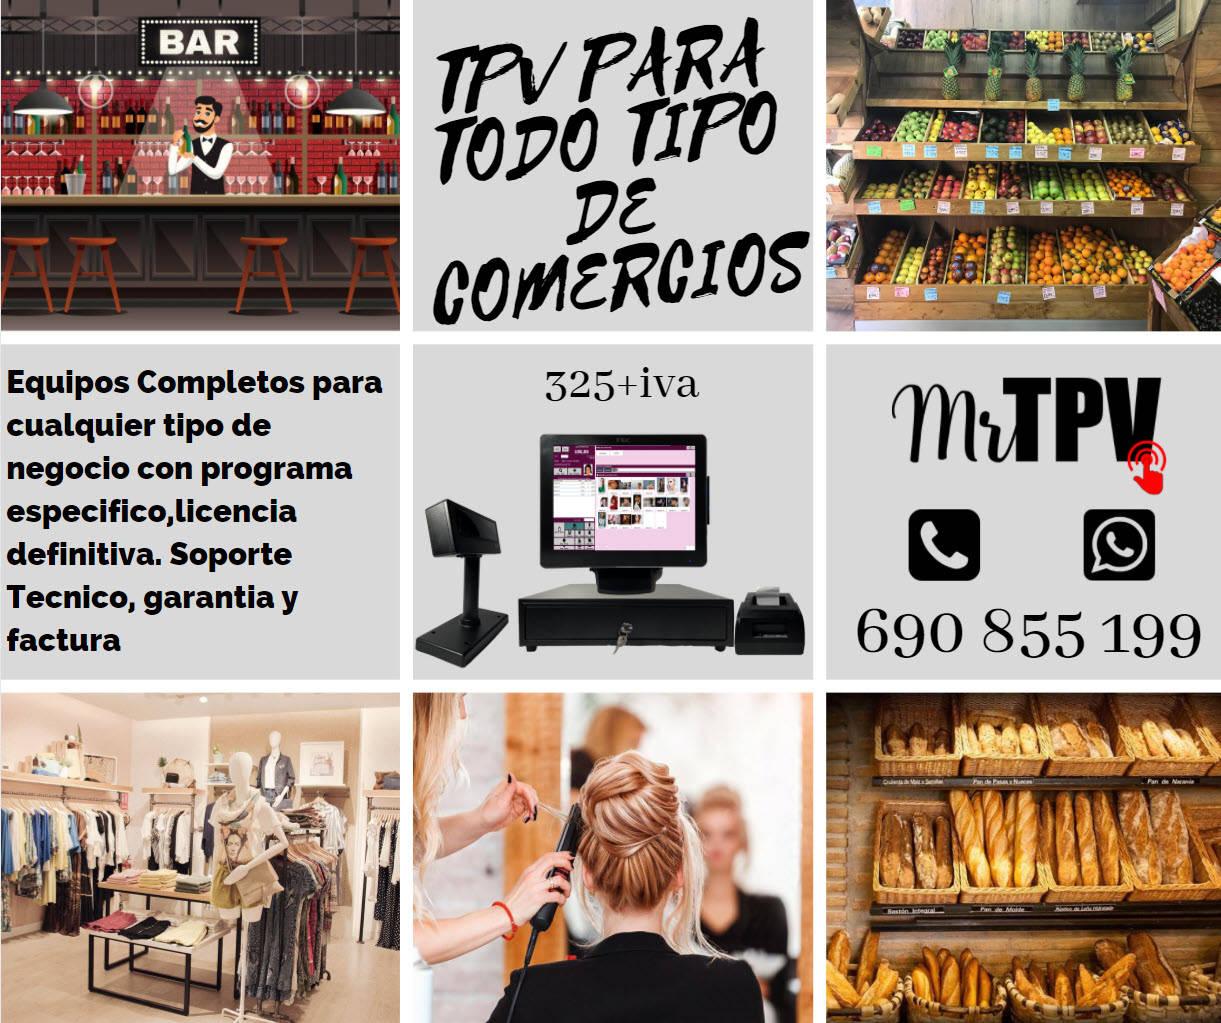 Tpv para todo tipos de negocios  - Foto 1